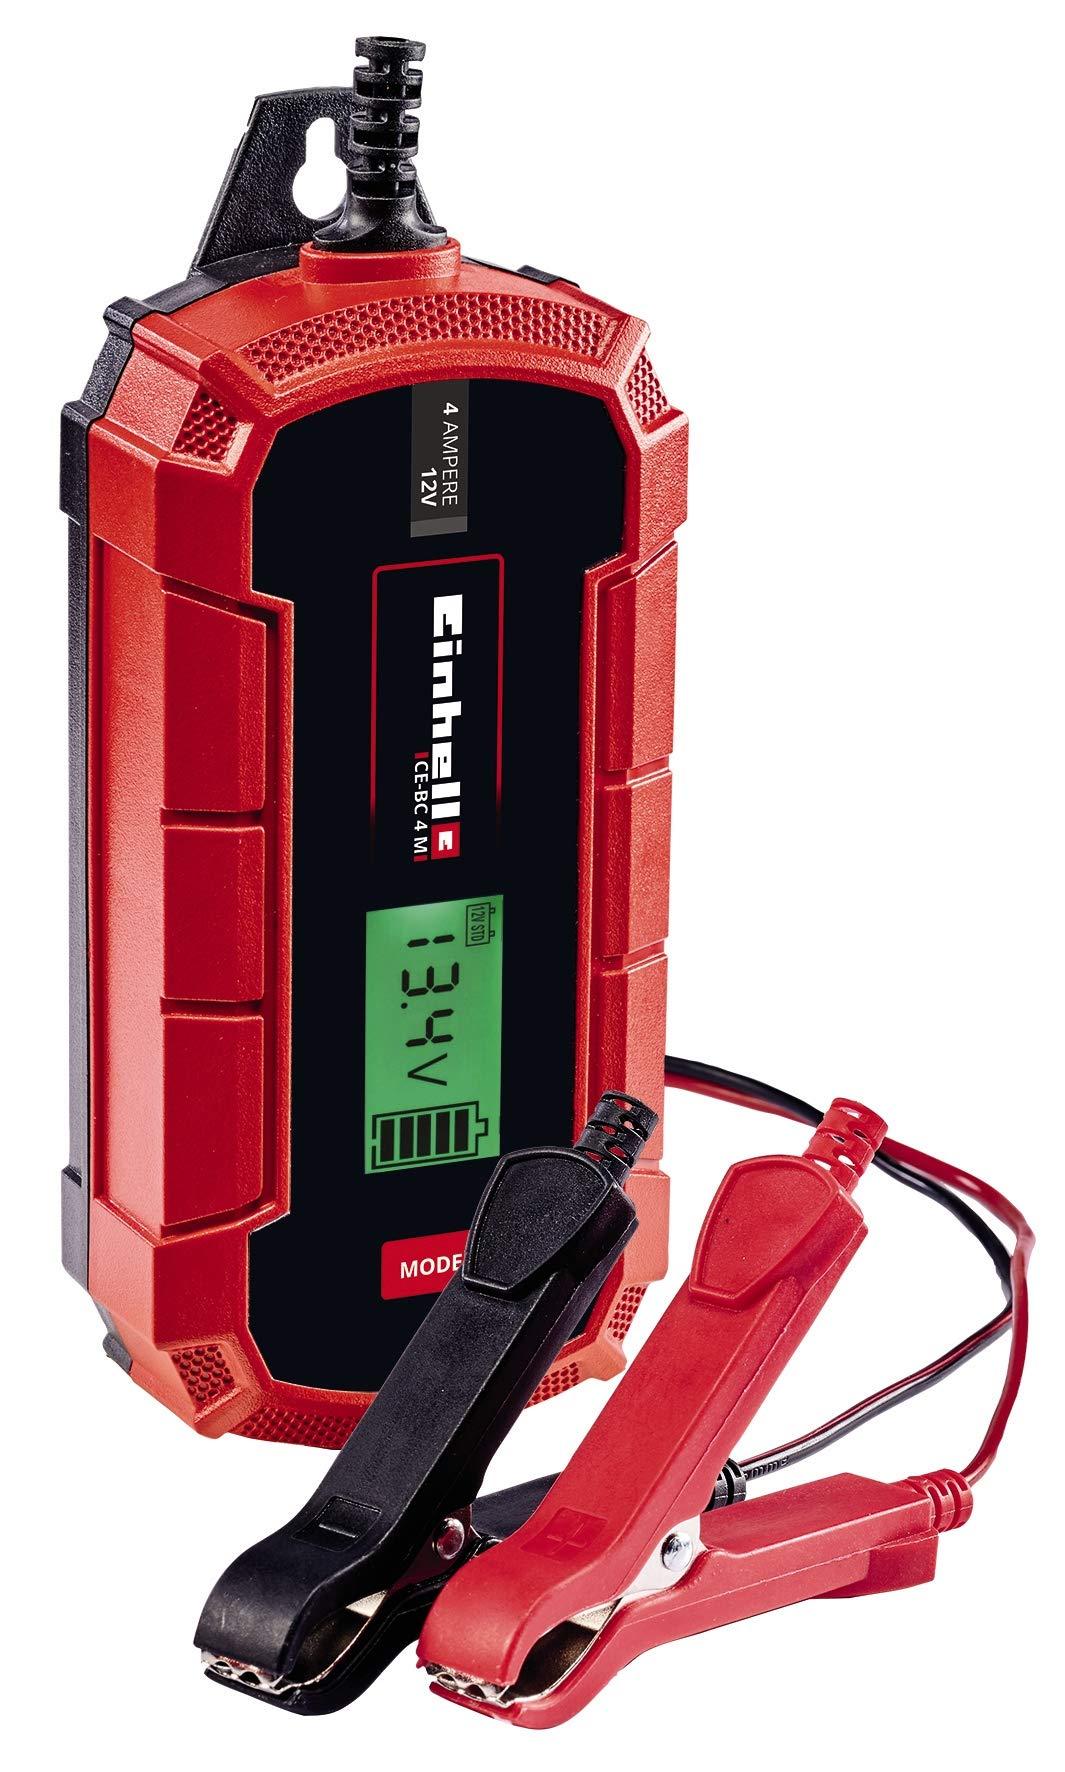 Einhell CE-BC 4 M, Cargador de baterías (con control por microprocesador para los más distintos tipos de baterías, entre otros automóviles/motos, corriente de carga máx. 4 amperio): Amazon.es: Bricolaje y herramientas